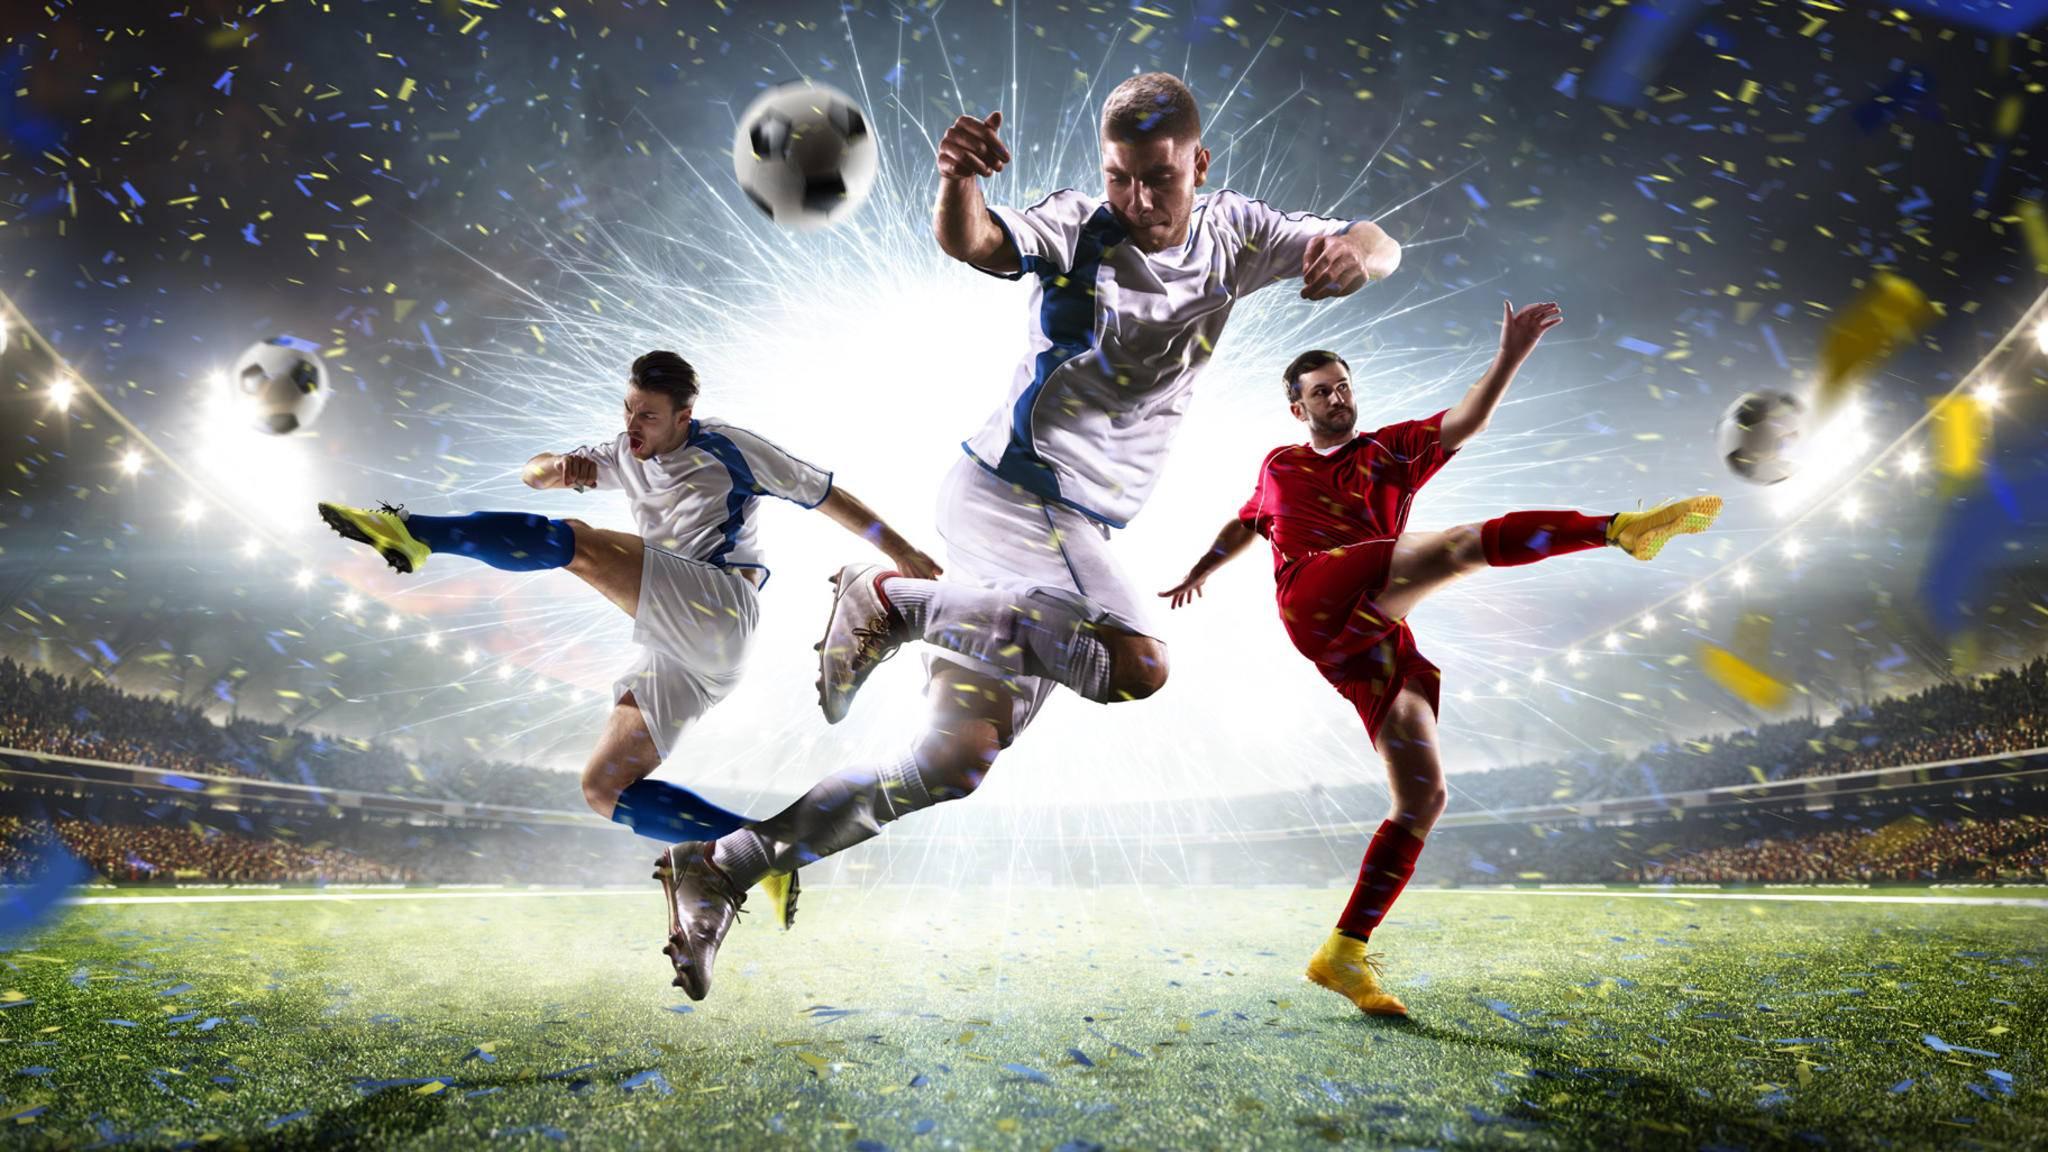 Das Tippen von Bundesliga-Spielen erfreut sich seit langer Zeit großer Beliebtheit.